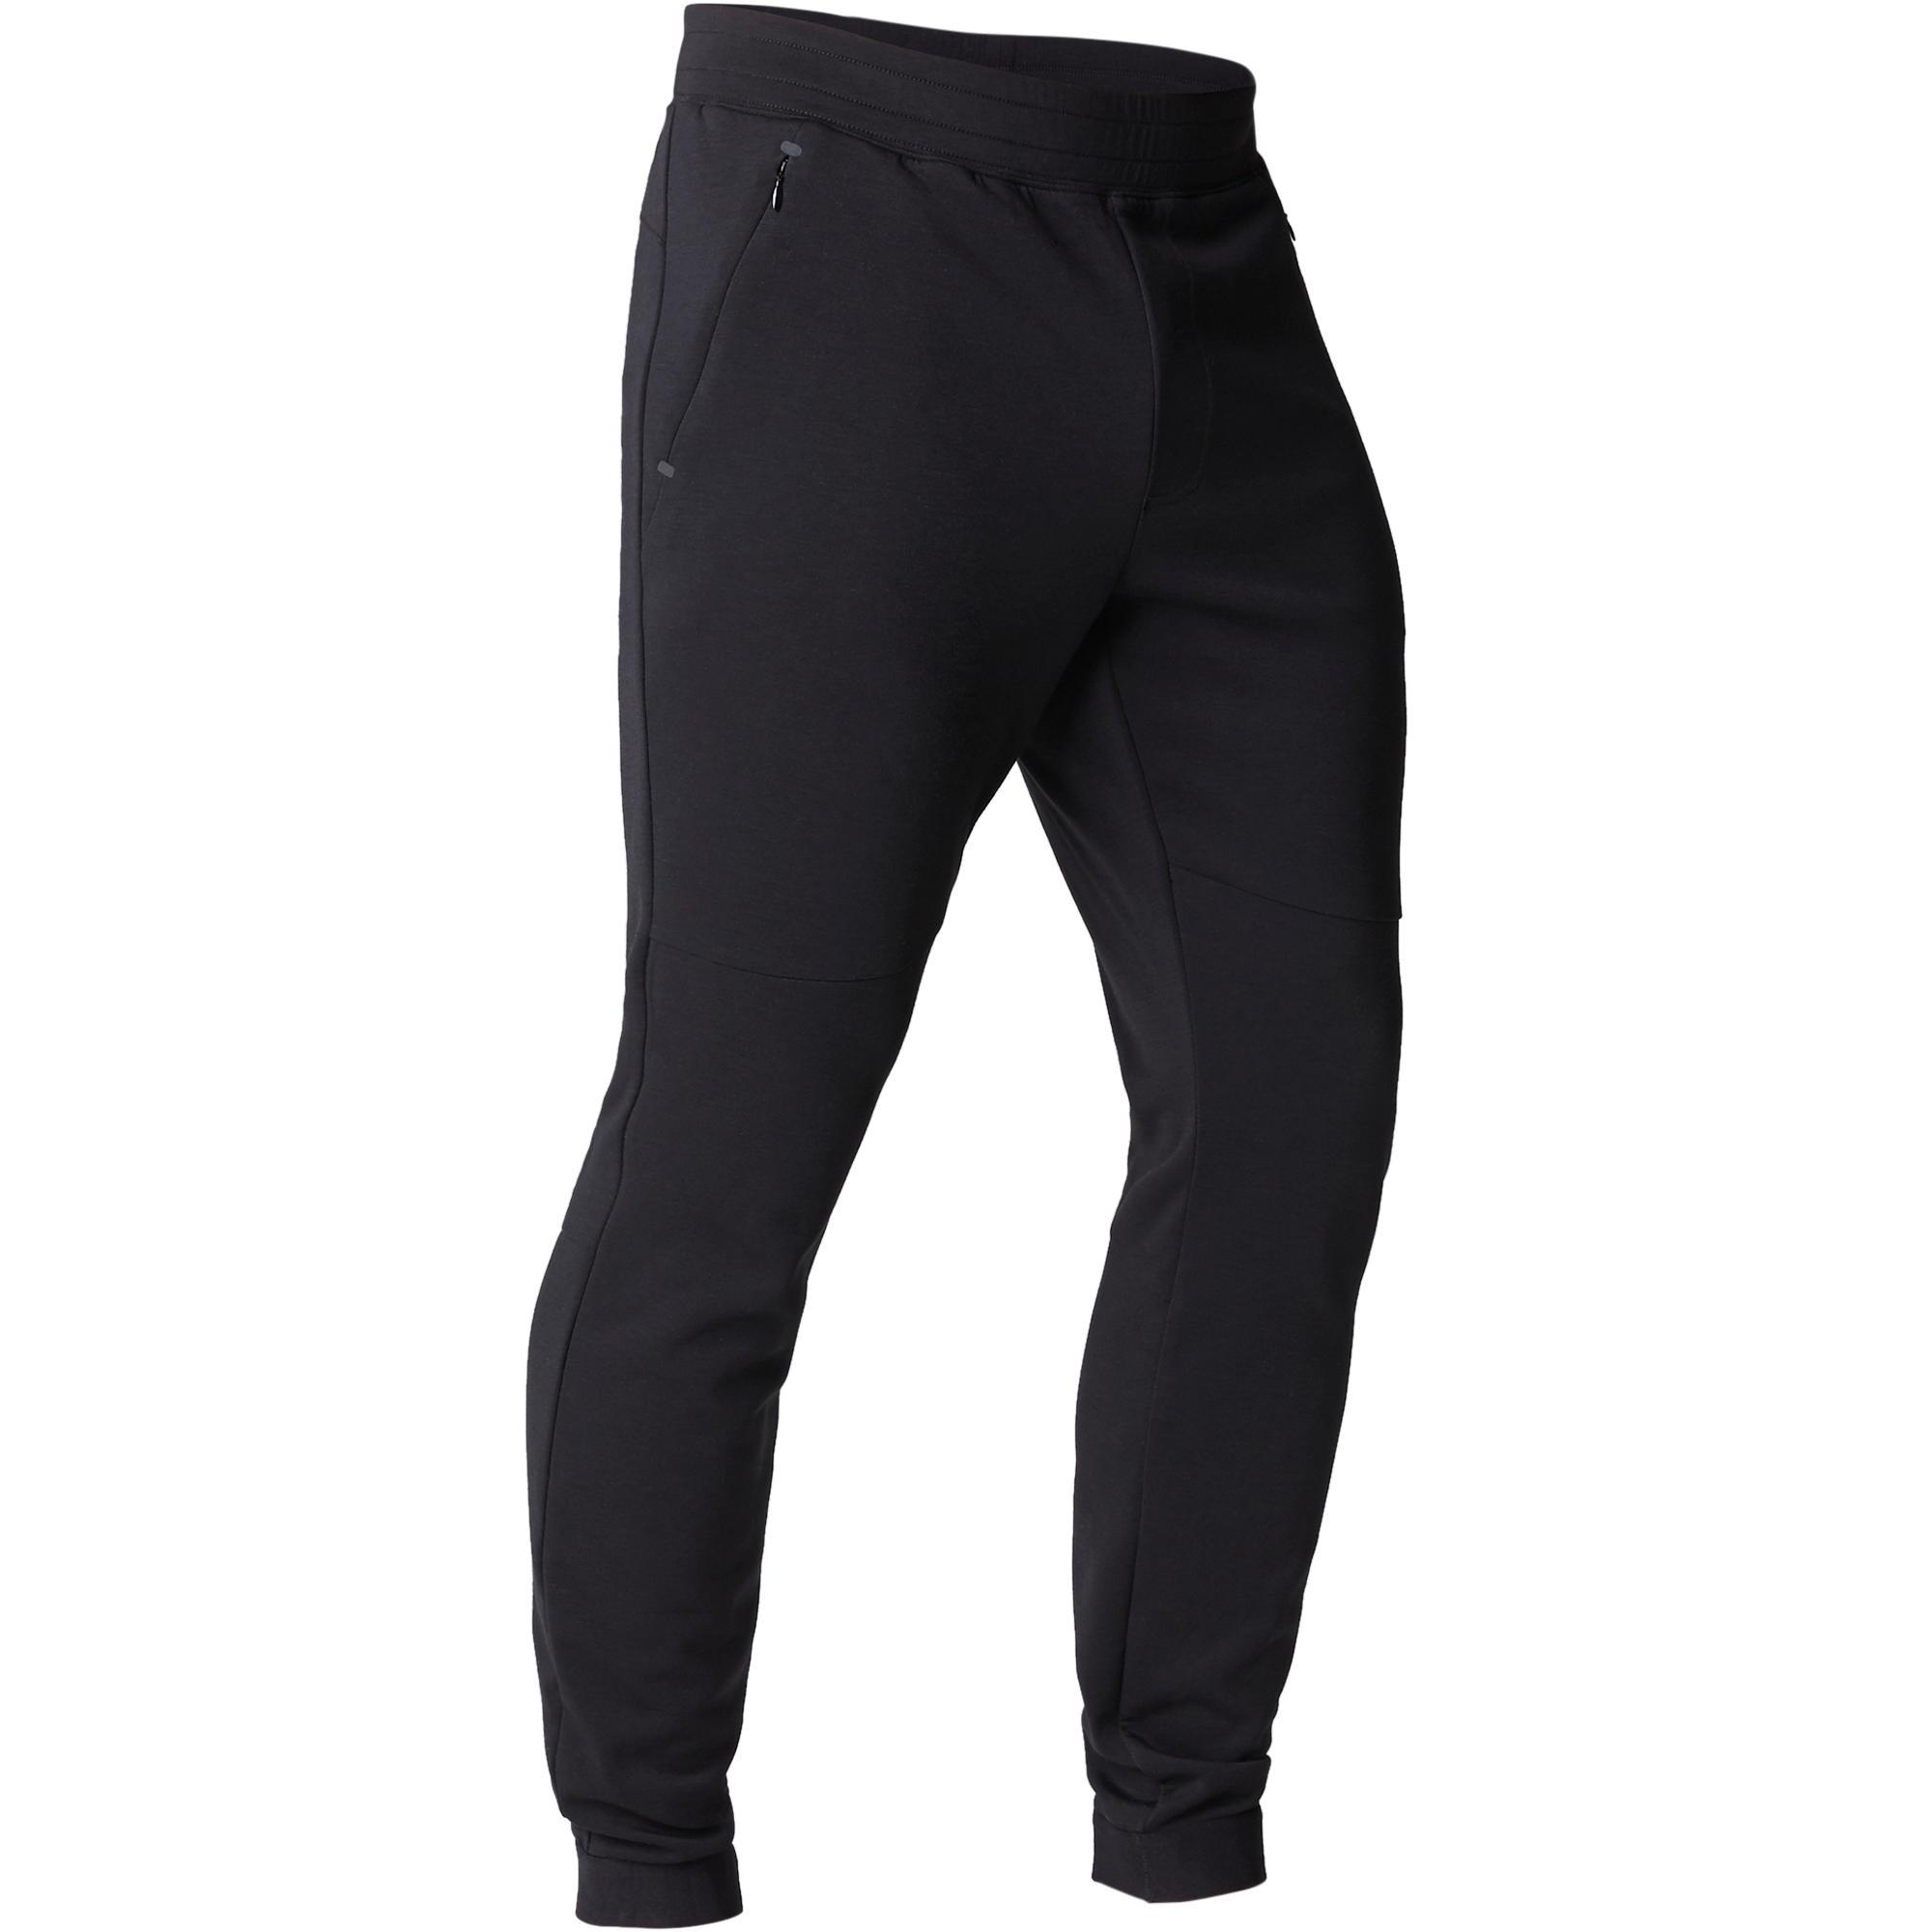 Pantalón 560 slim Pilates y Gimnasia suave negro hombre